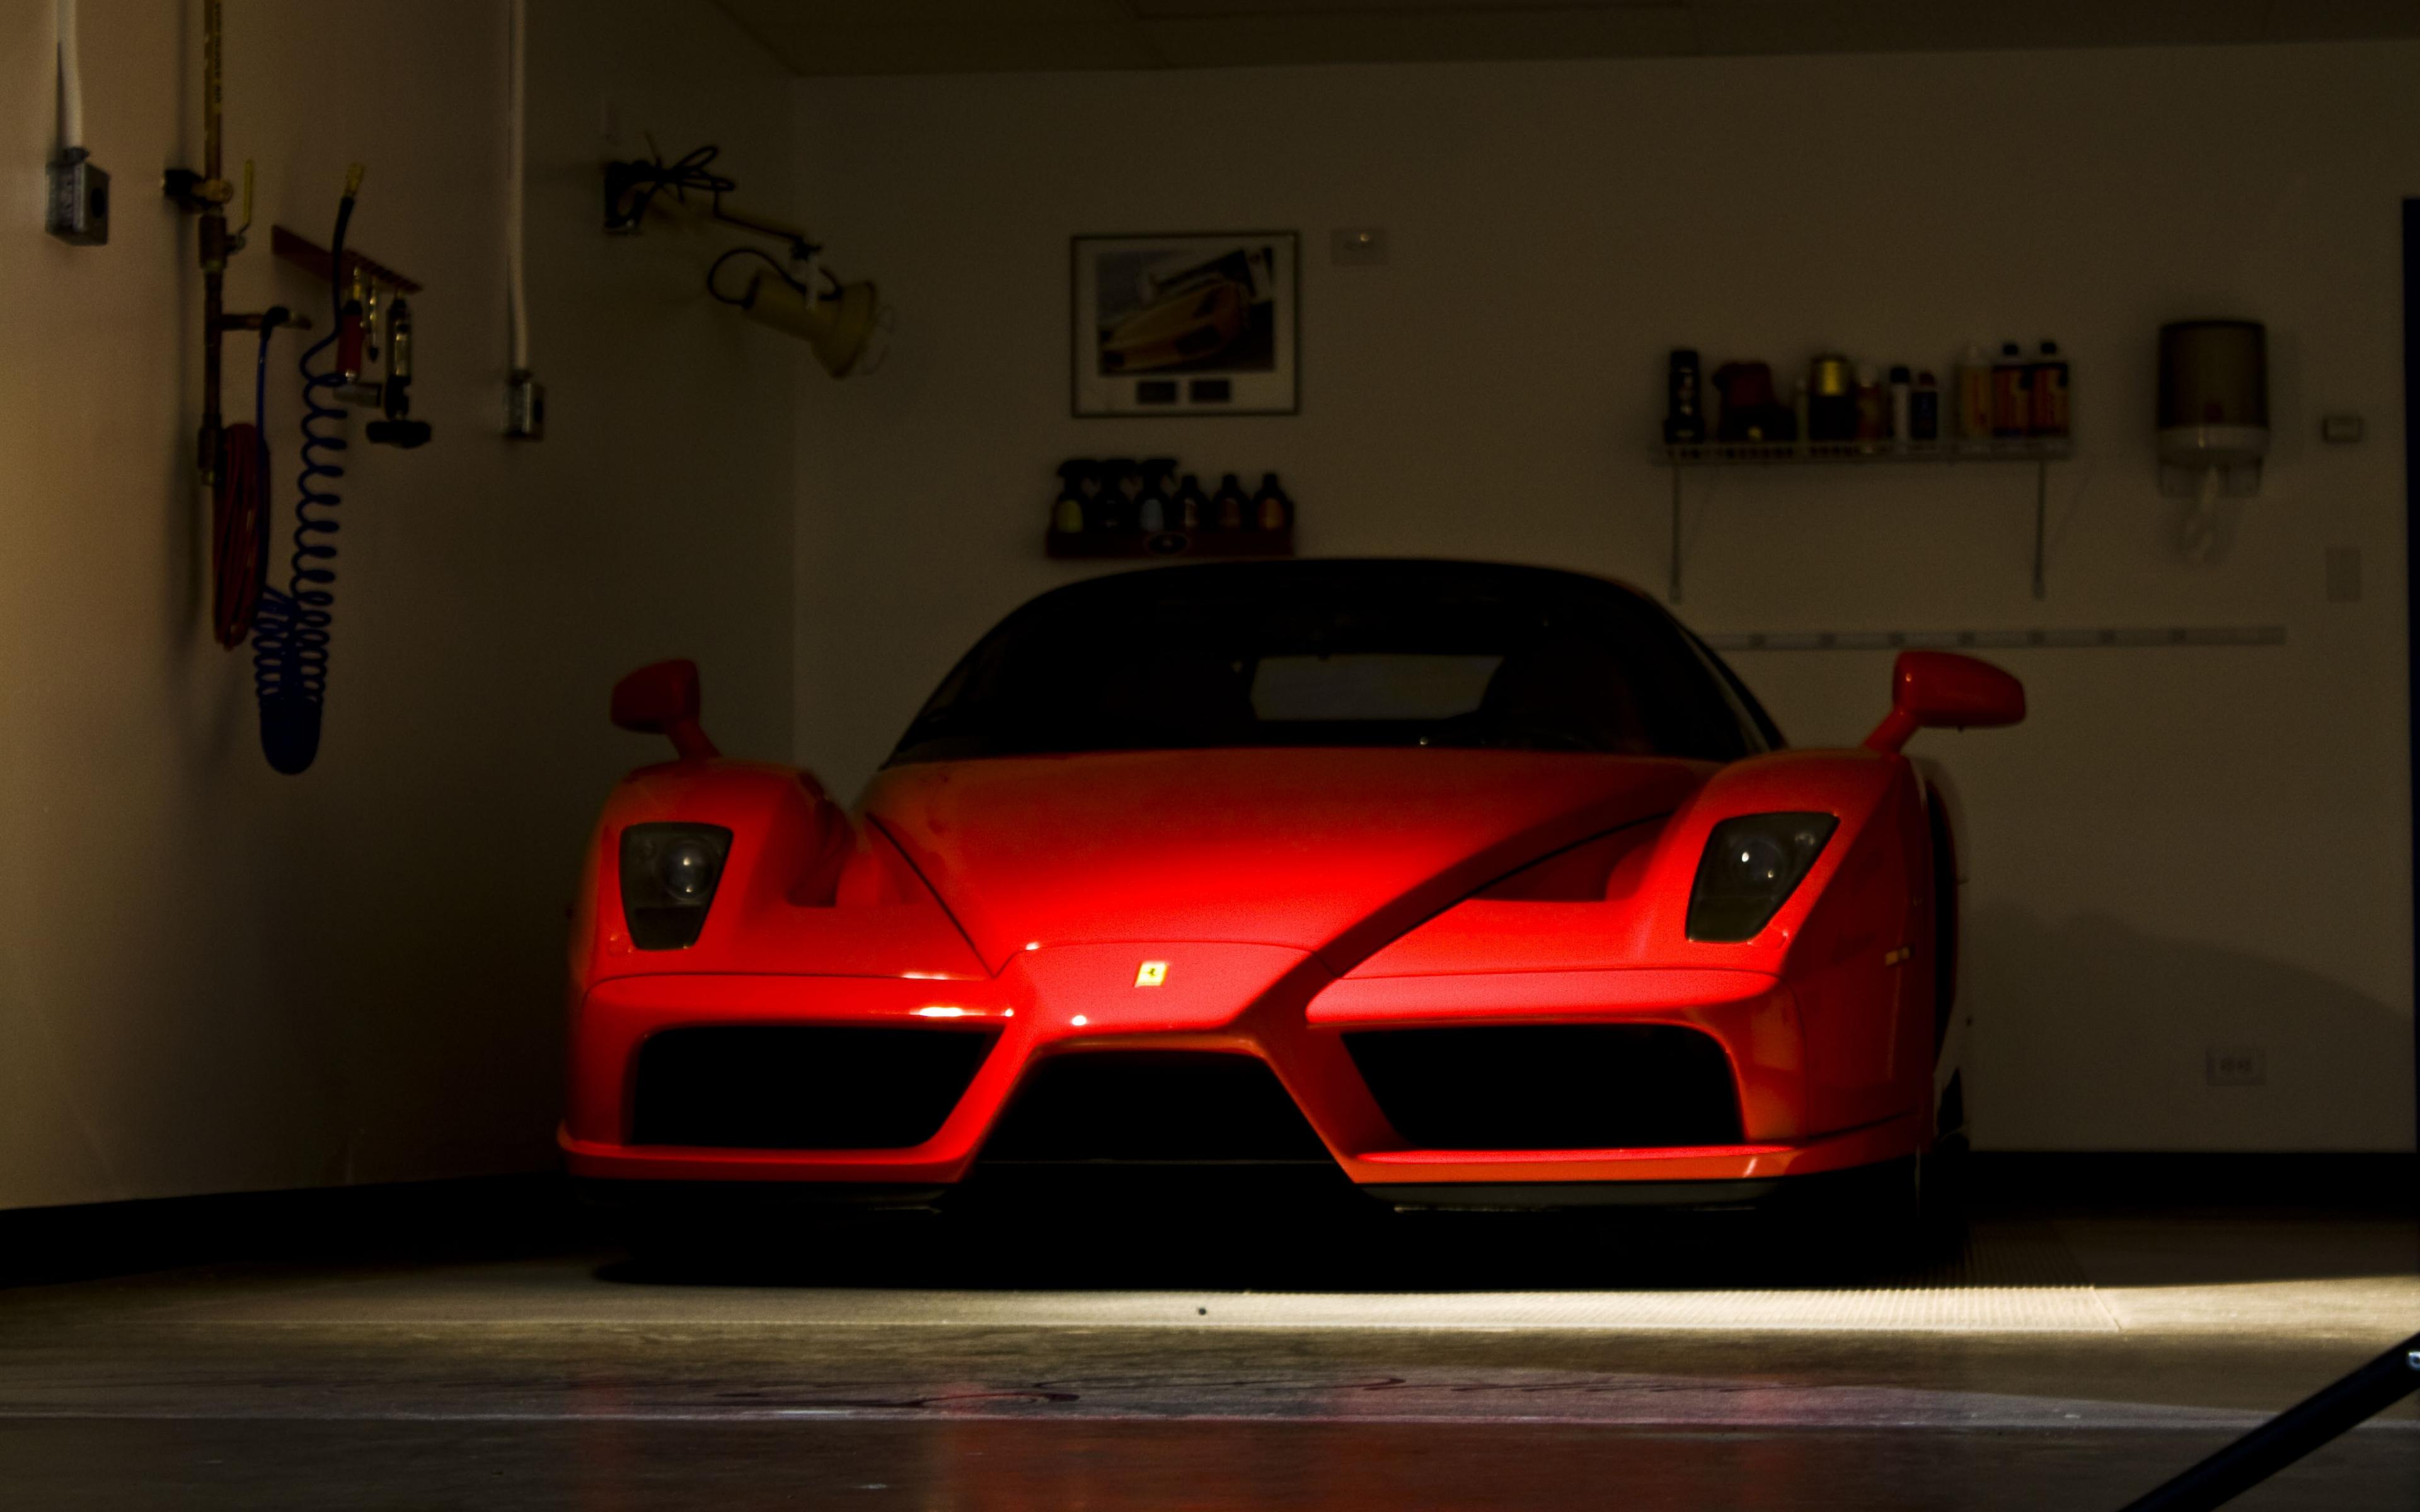 Download 3840x2400 Wallpaper Ferrari Red Sports Car 4 K Ultra Hd